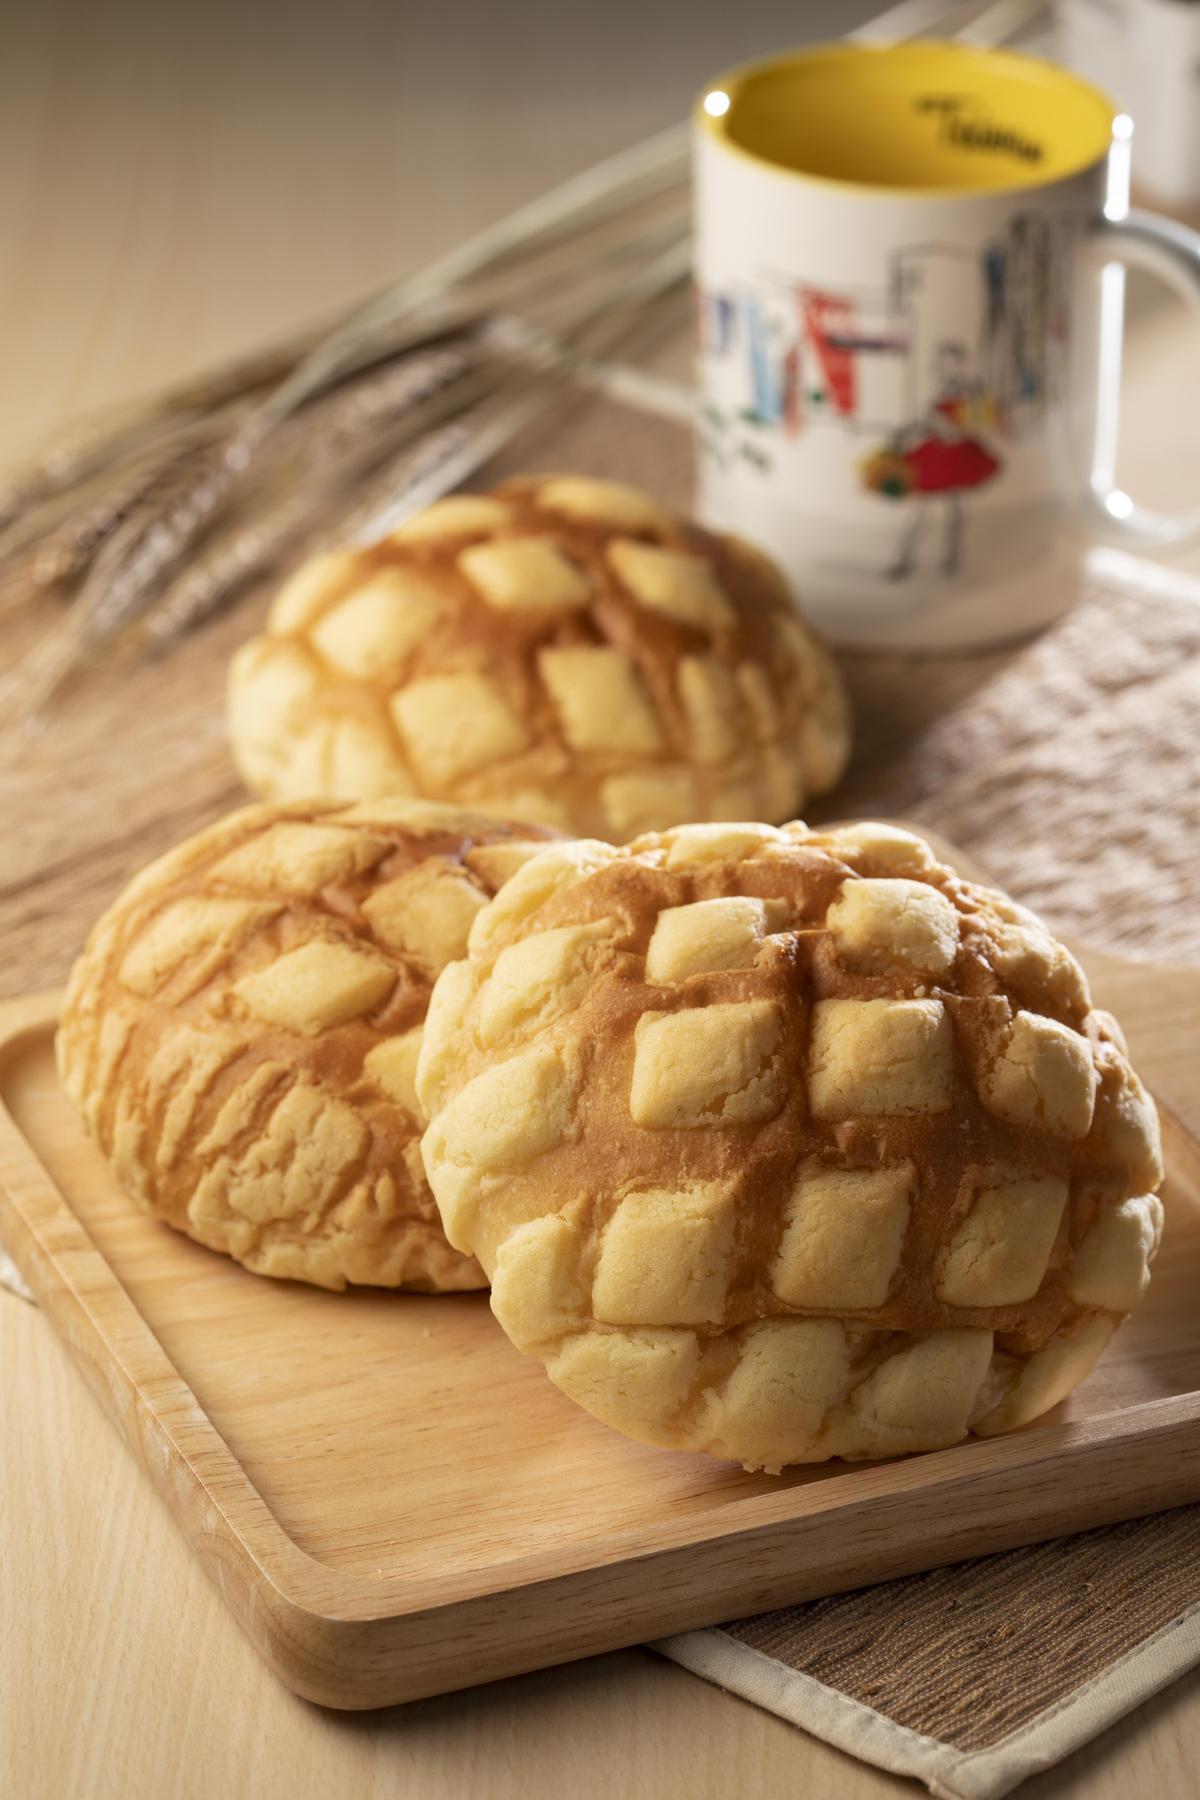 「素菠蘿」以豆漿取代牛奶製成,菠蘿皮添加地瓜丁增添特有的香甜鬆軟口感。